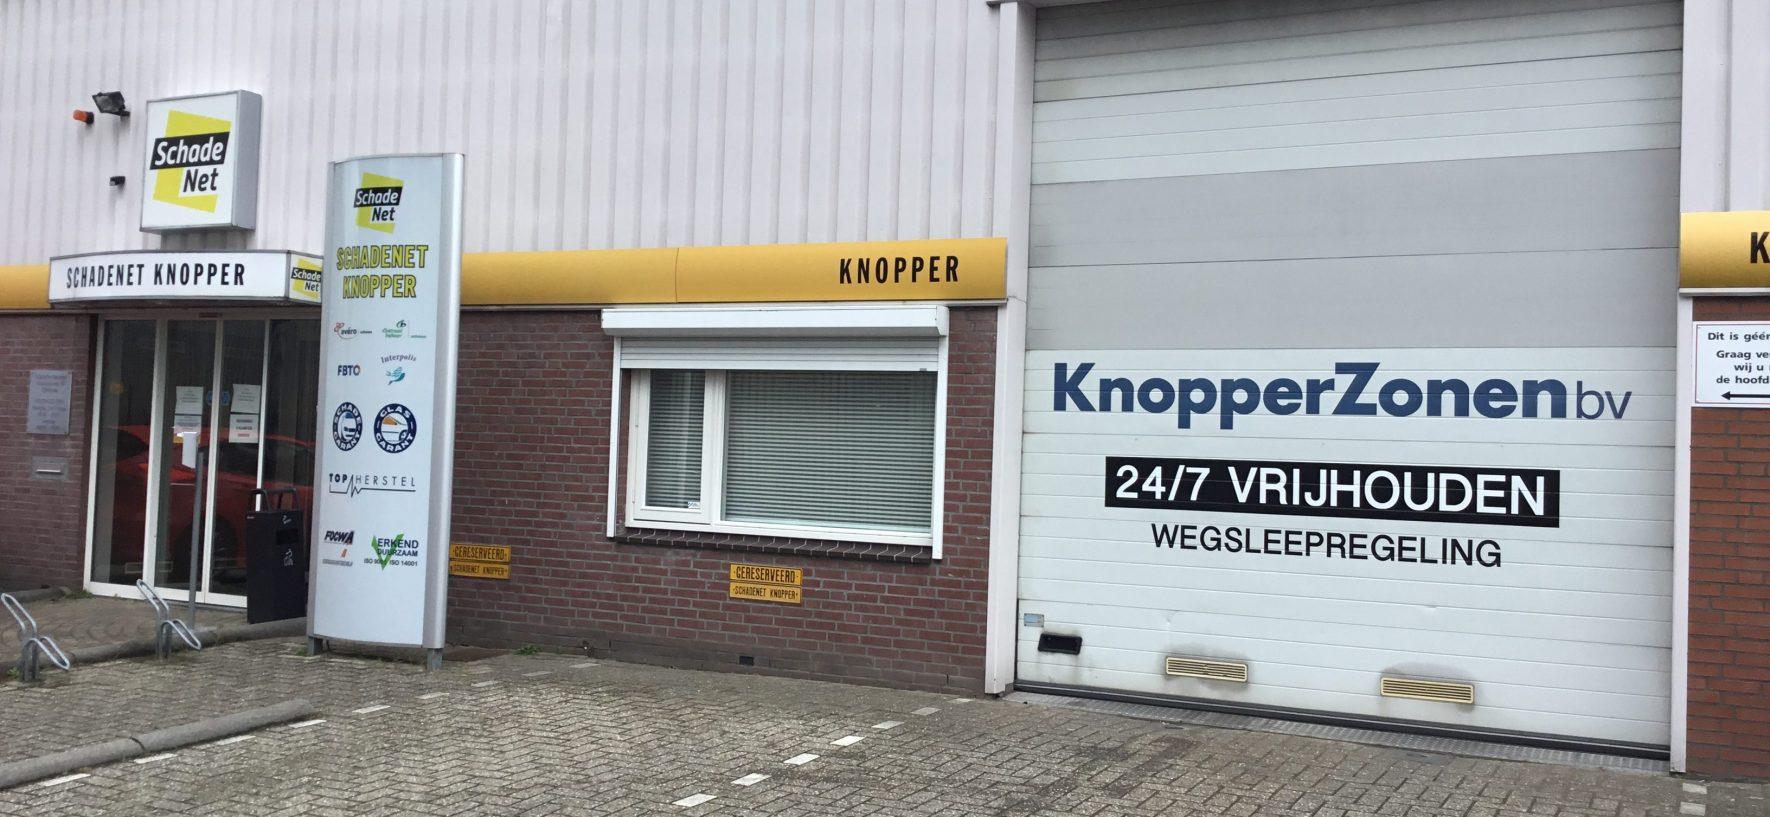 Schadenet Knopper